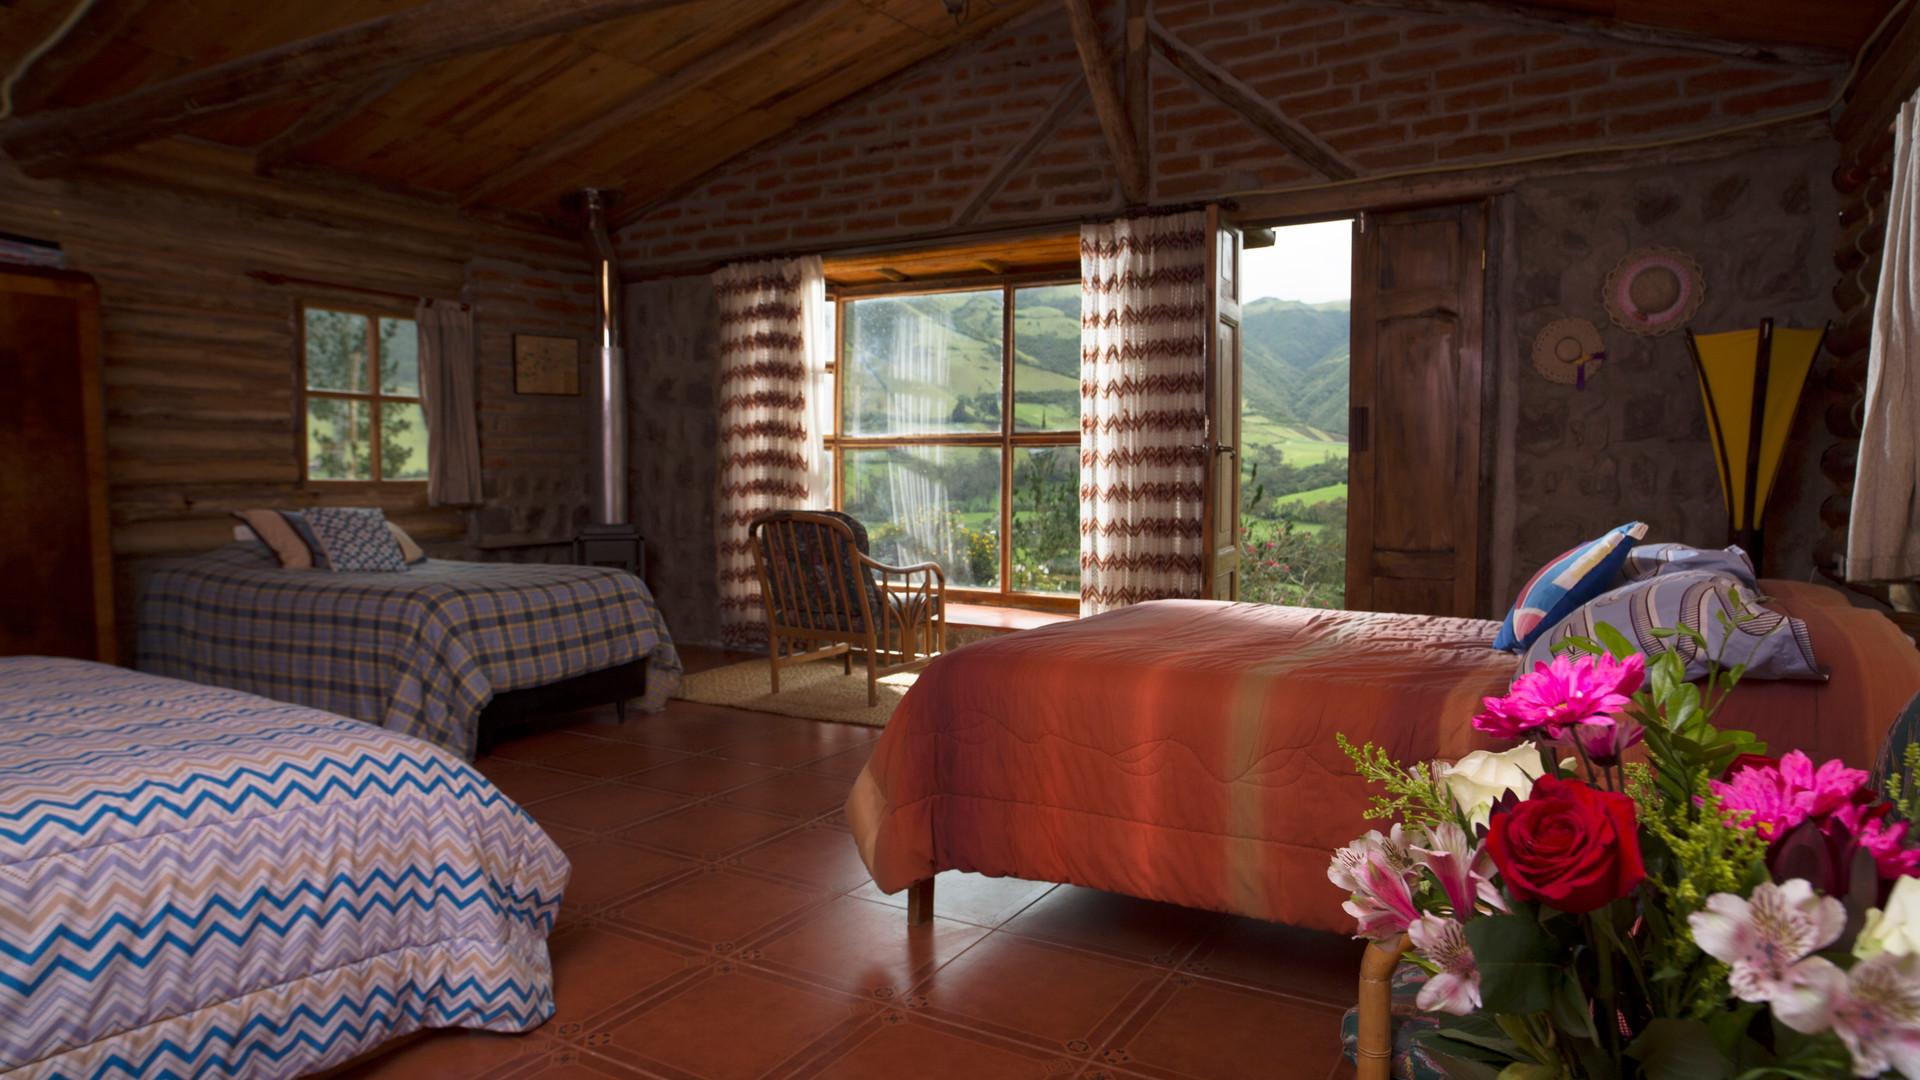 cabaña_interiores_1.jpg